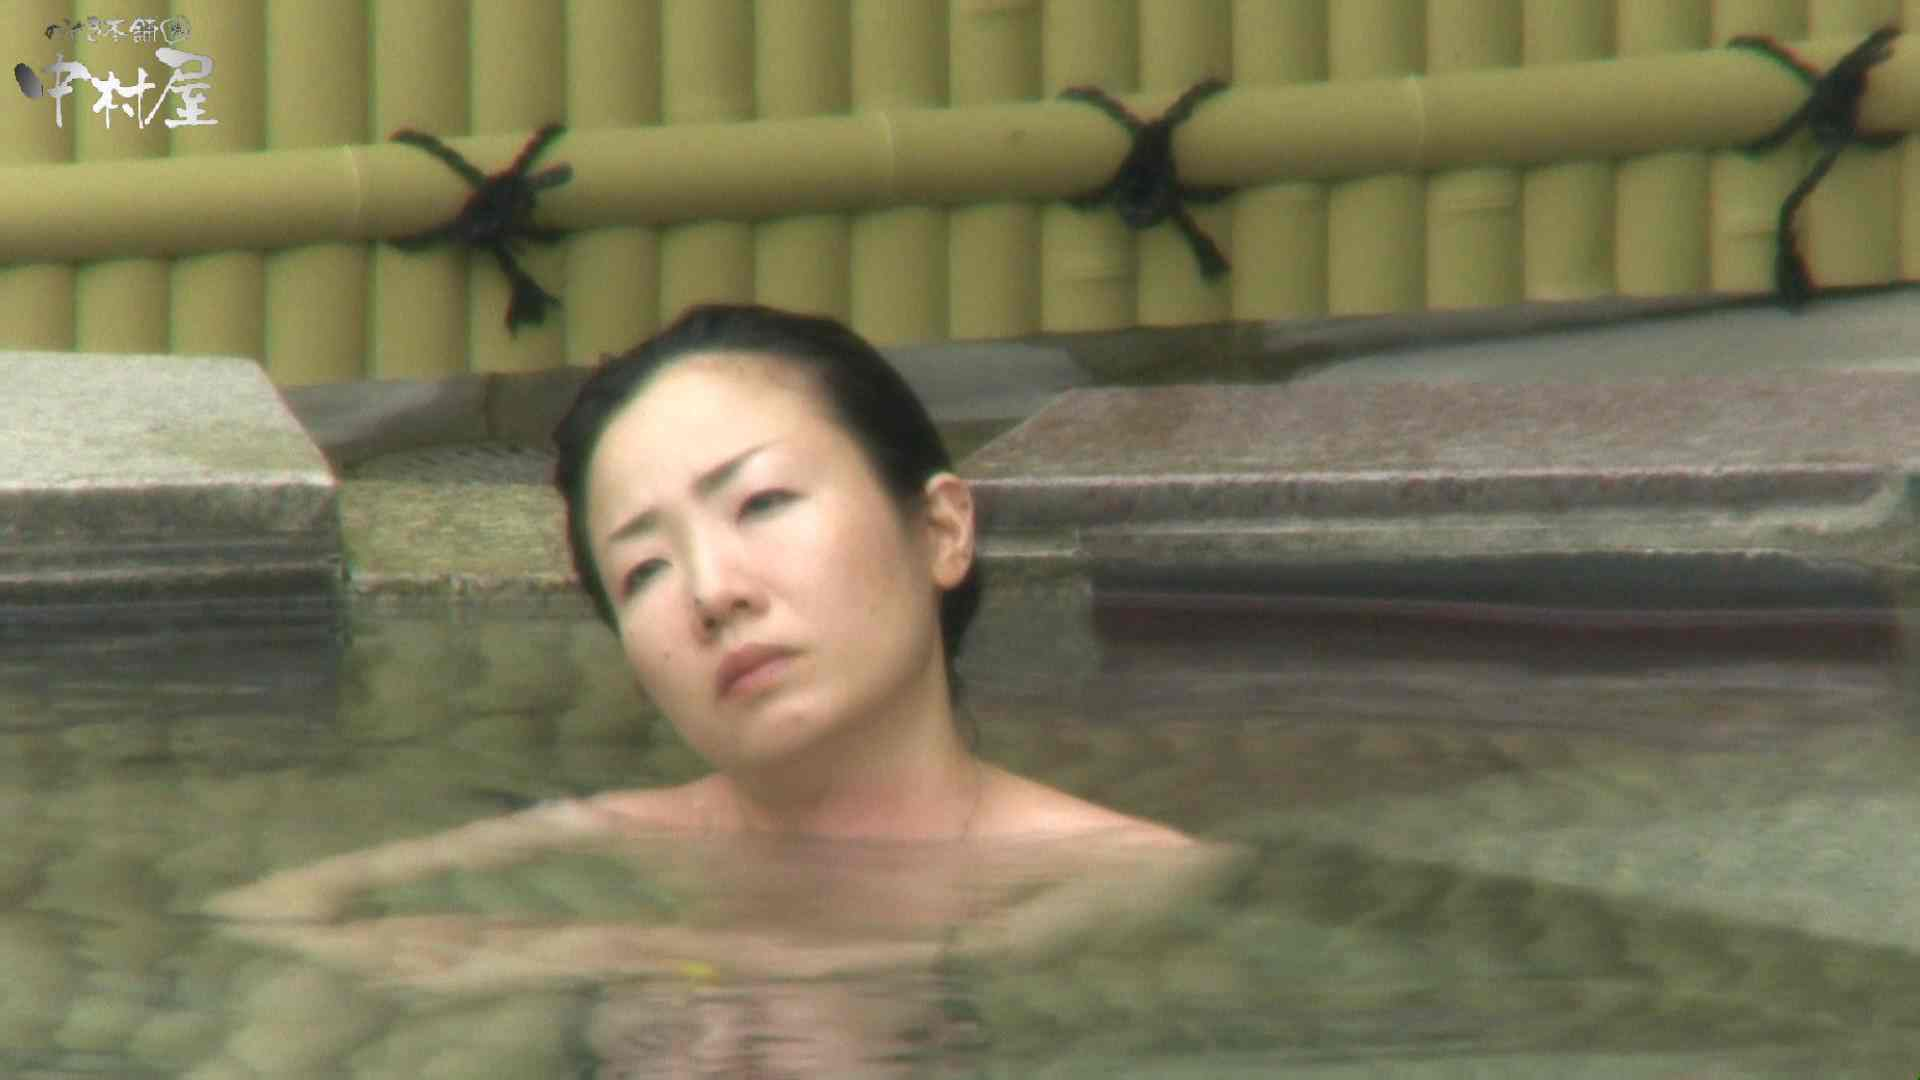 Aquaな露天風呂Vol.950 露天風呂 | 盗撮  107連発 49